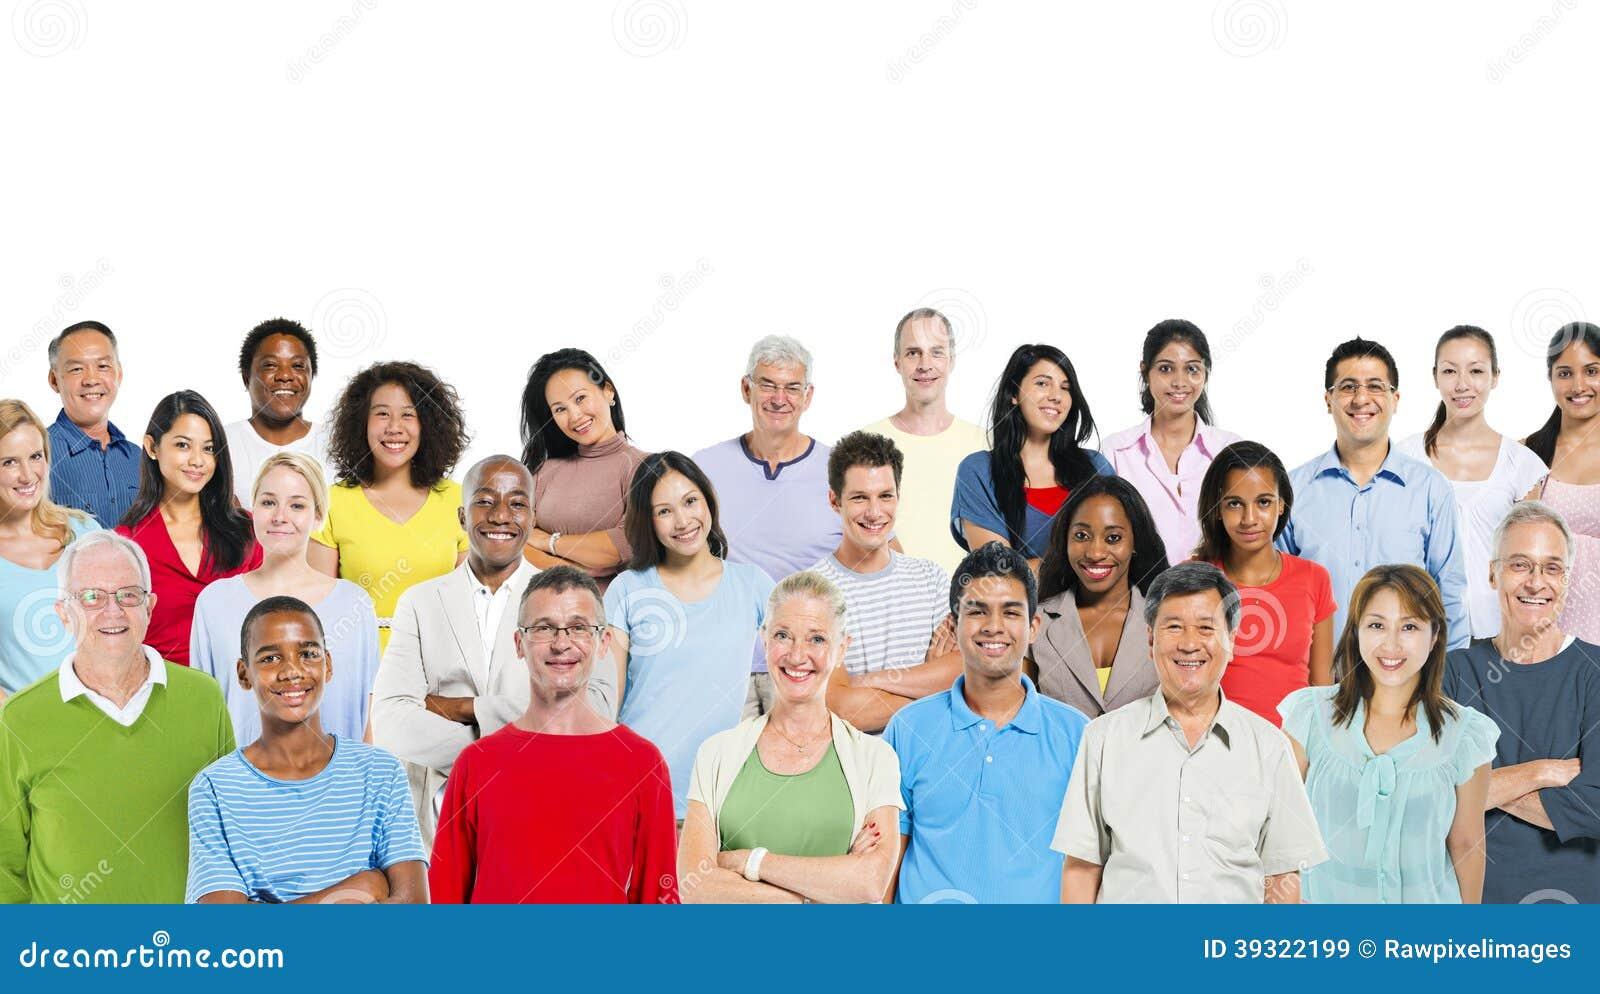 Blandad grupp människor